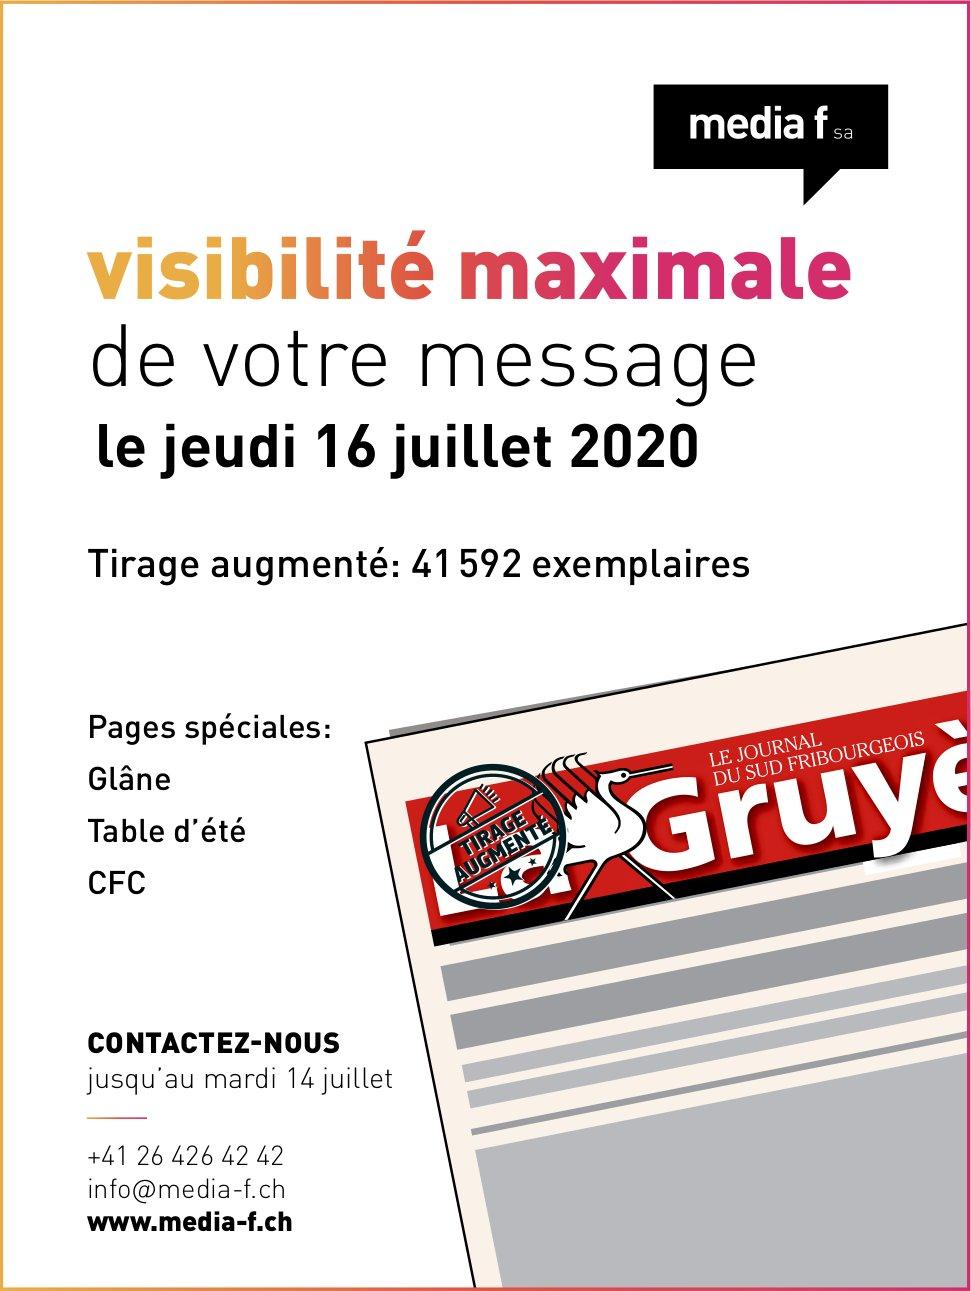 Media f SA - visibilité de votre message le jeudi 16 juillet 2020 tirage augmenté